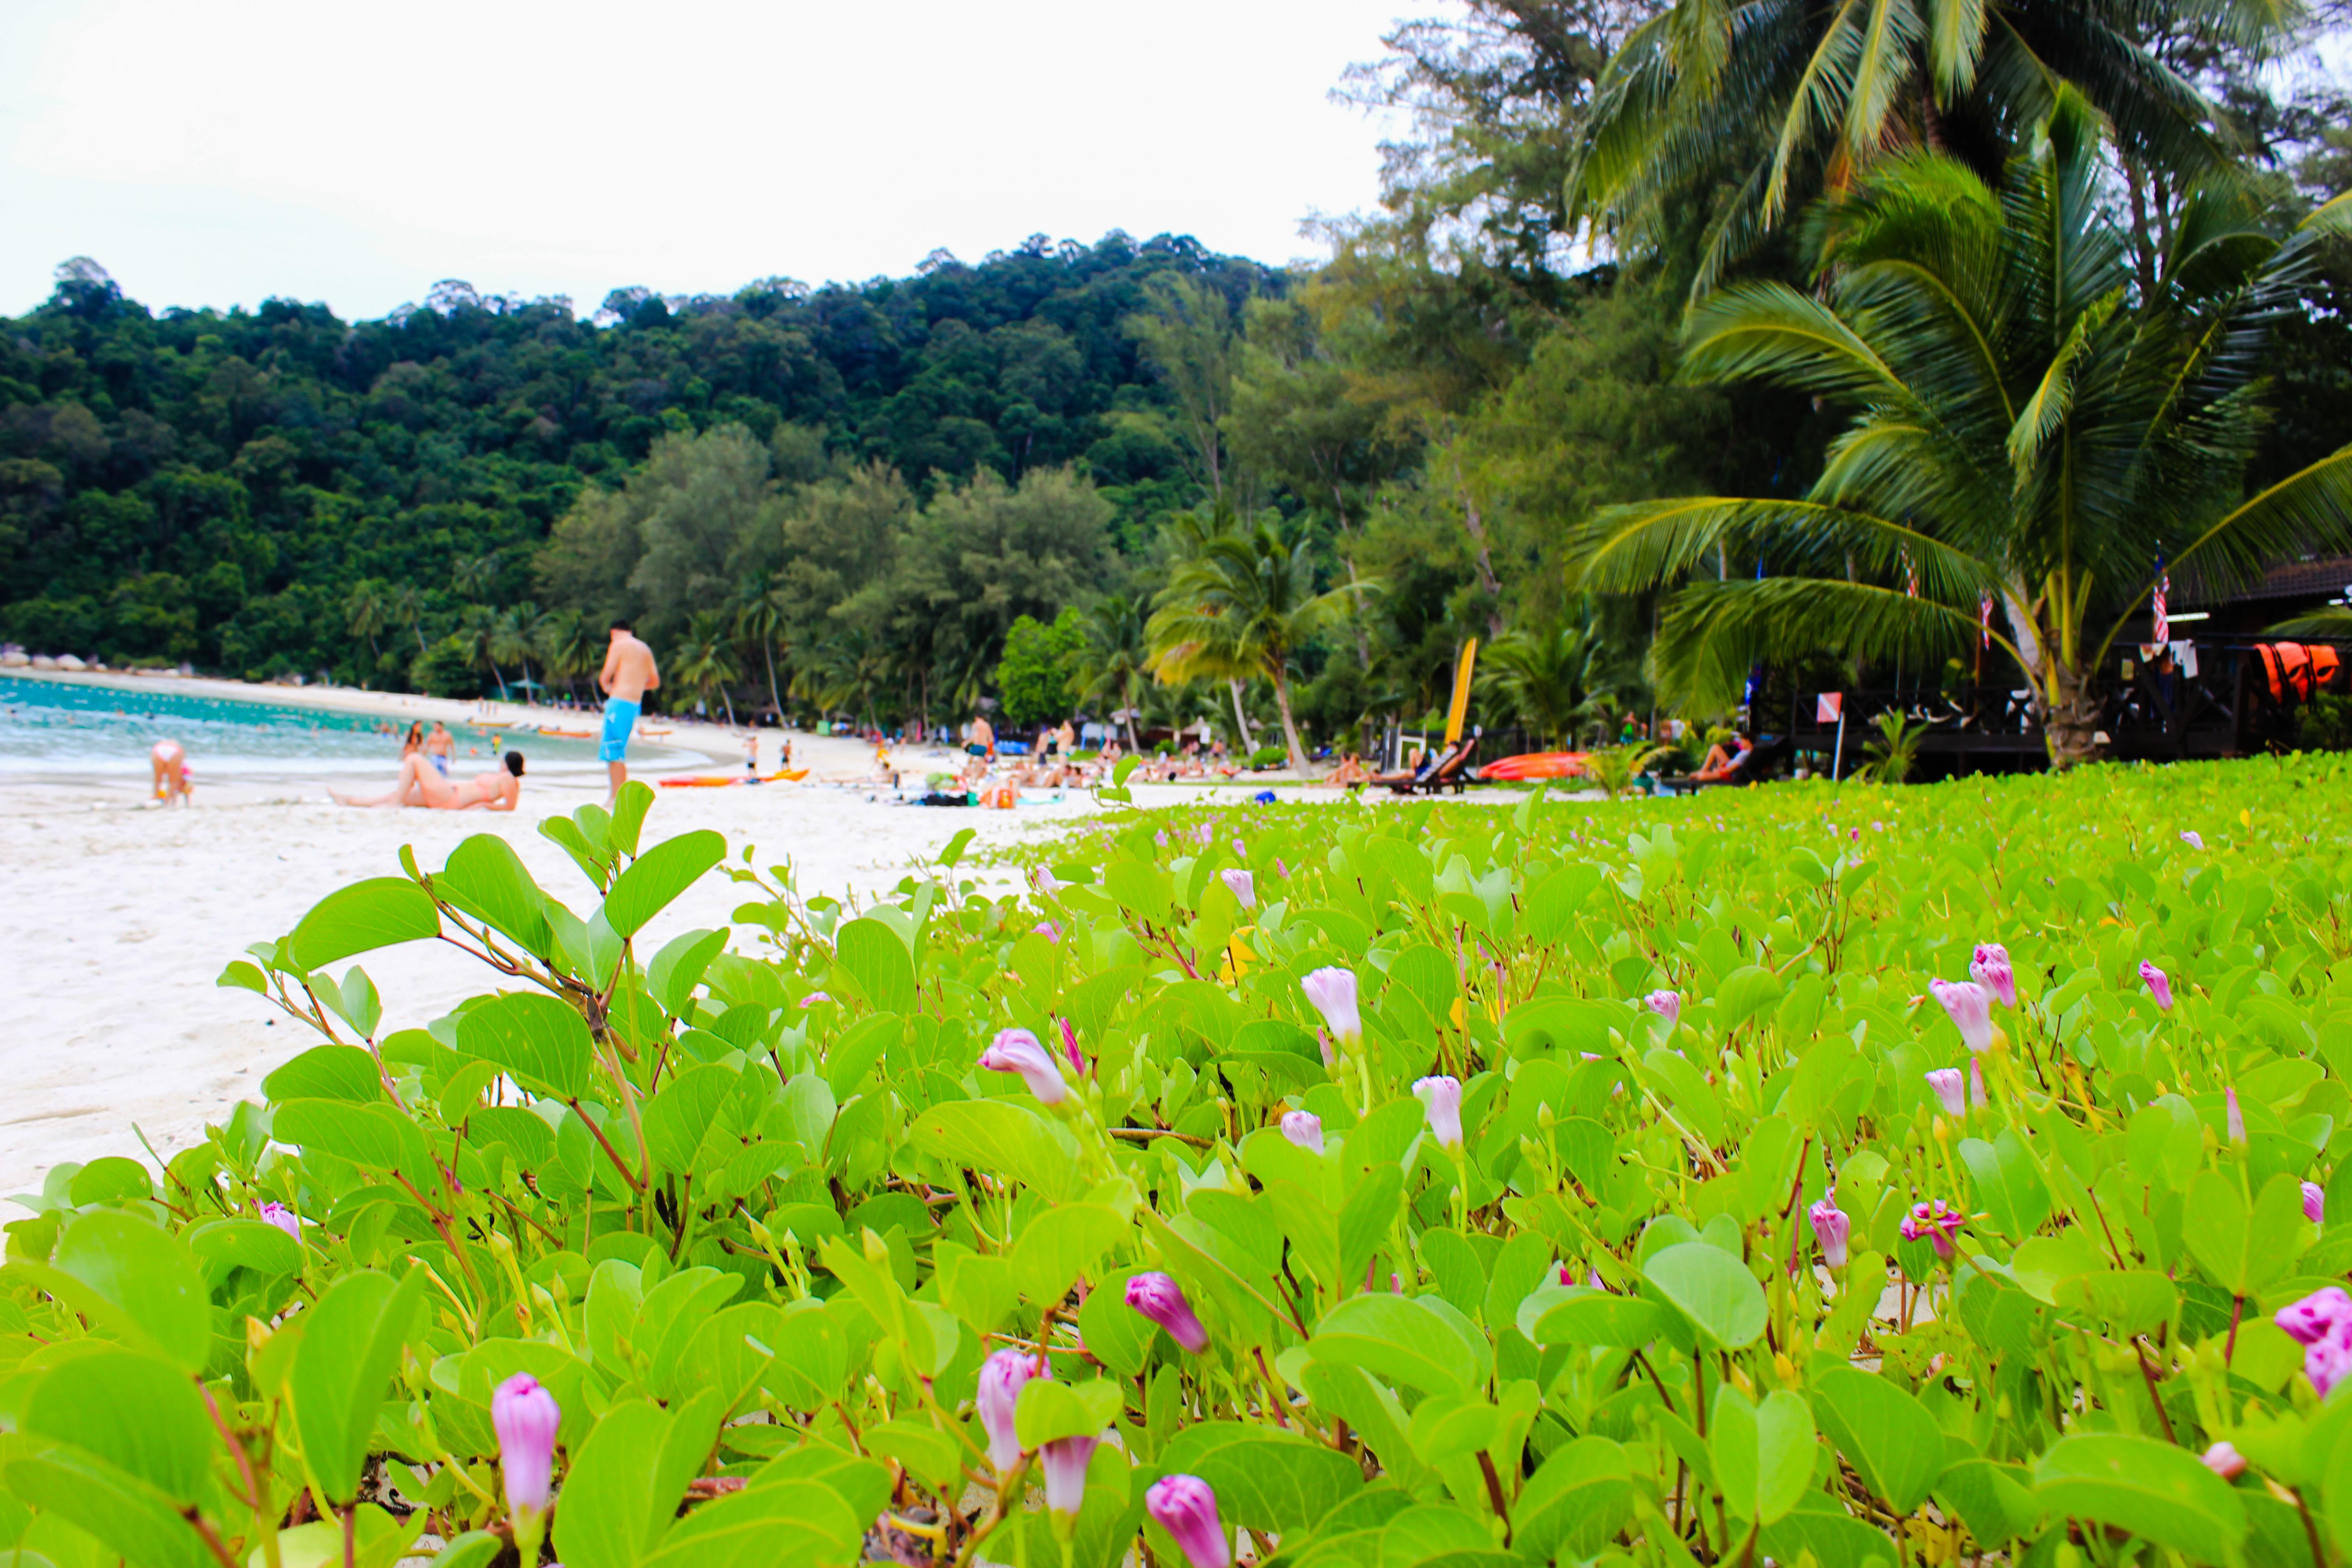 Image de fleurs sur la plage du Perhentian Island Resort